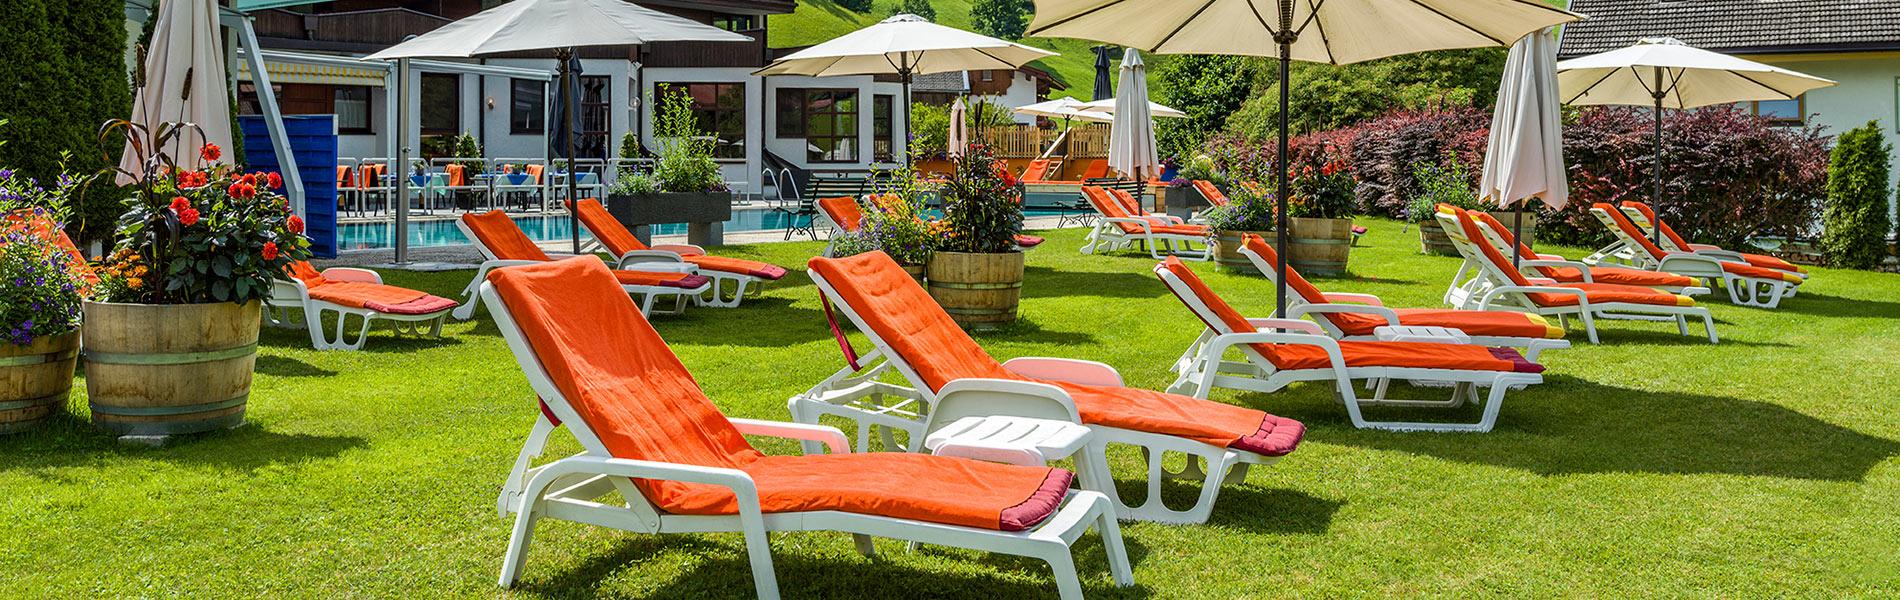 Happy Stubai Hotel Neustift Tirol Stubaier Gletscher Österreich Hostel Pool mit Liegewiese